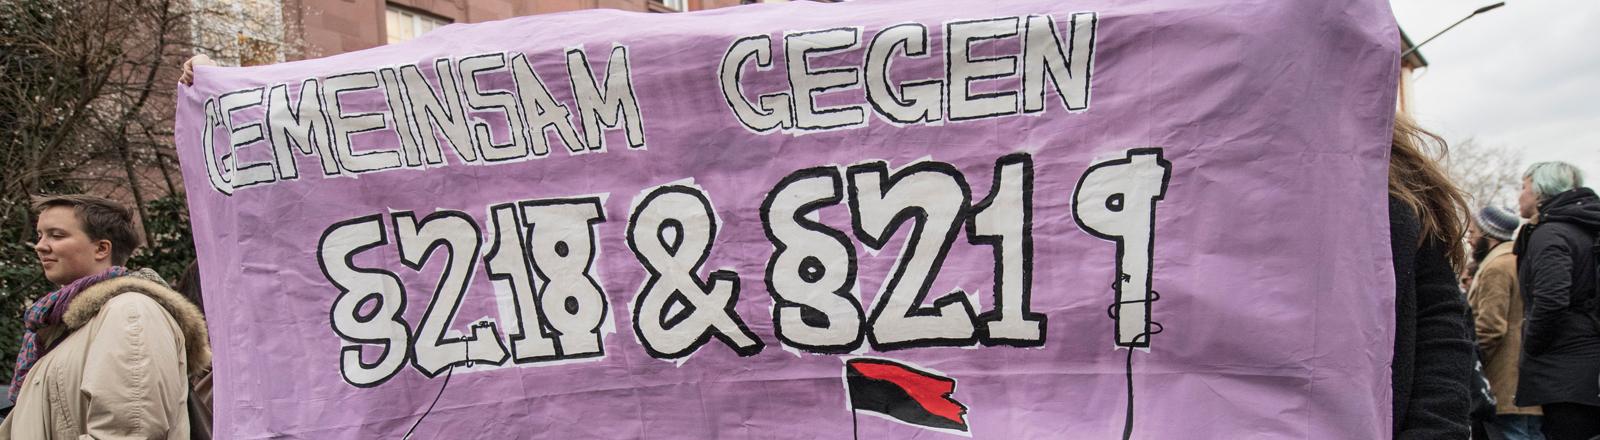 Demonstrantinnen sprechen für eine Abschaffung des Abtreibungsparagfen 218 und den Paragrafen 219 aus